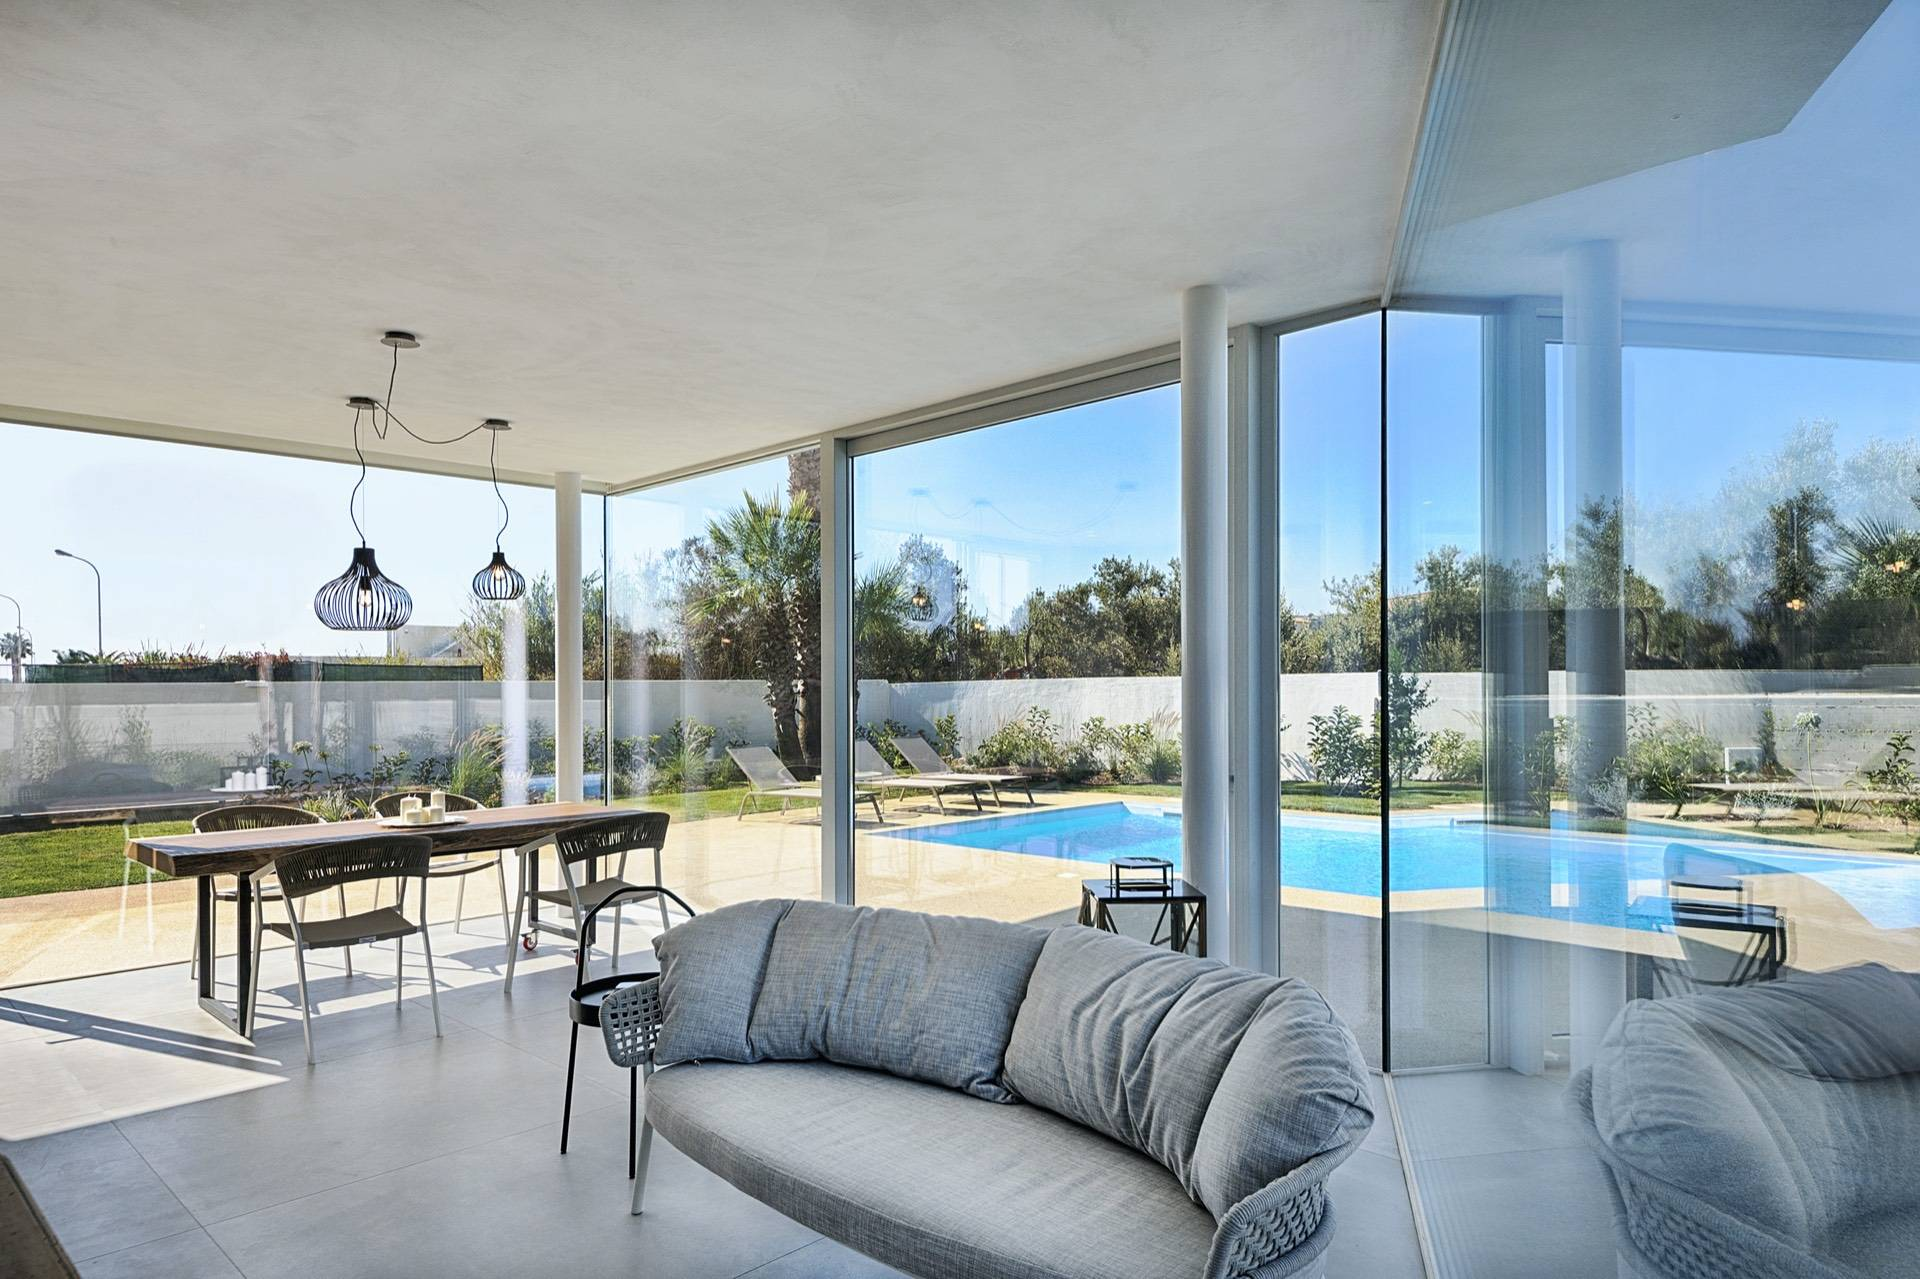 Casa indipendente in Vendita a Ragusa: 3 locali, 130 mq - Foto 4